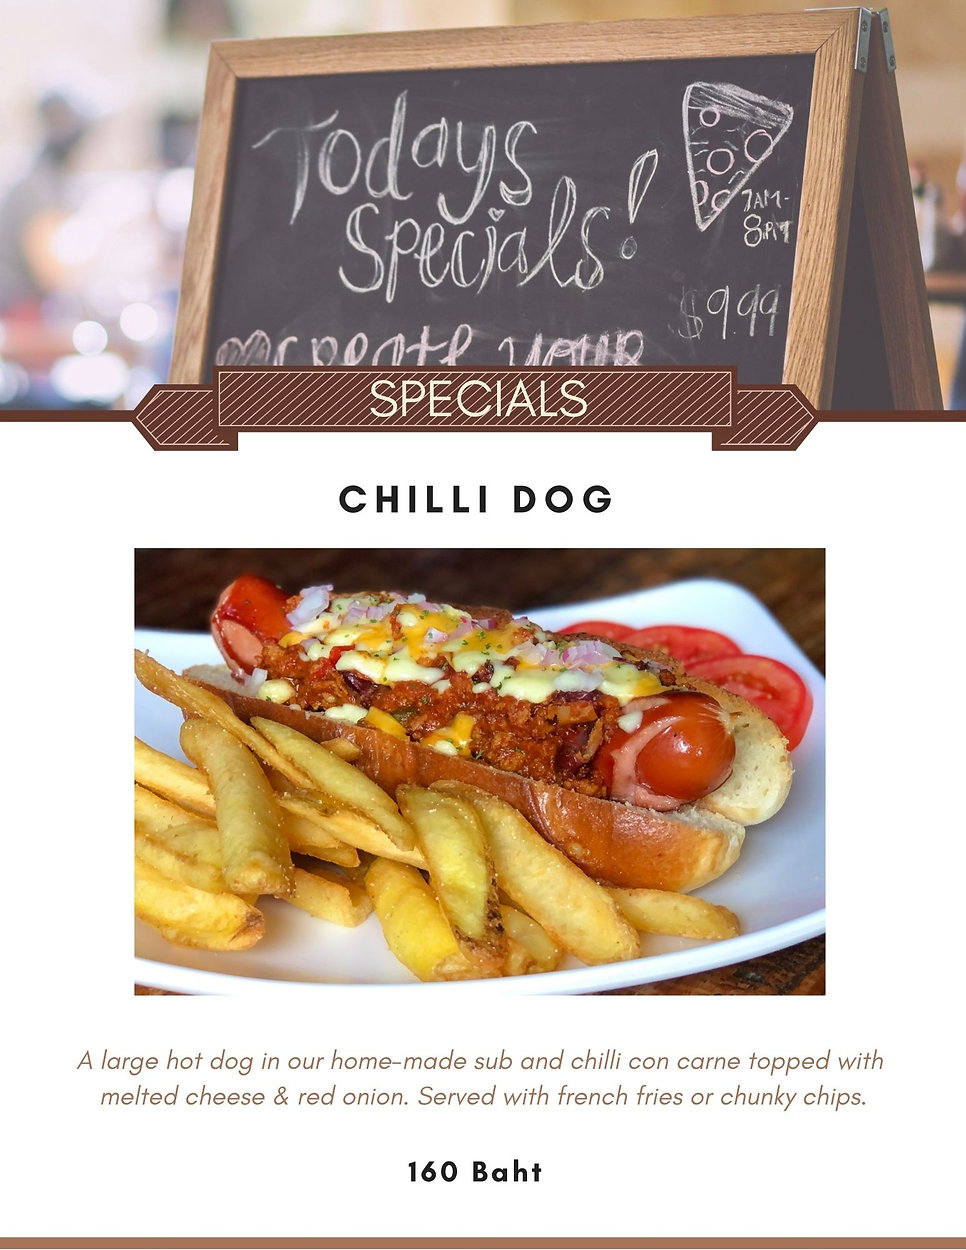 Chilli Dog Special.jpg